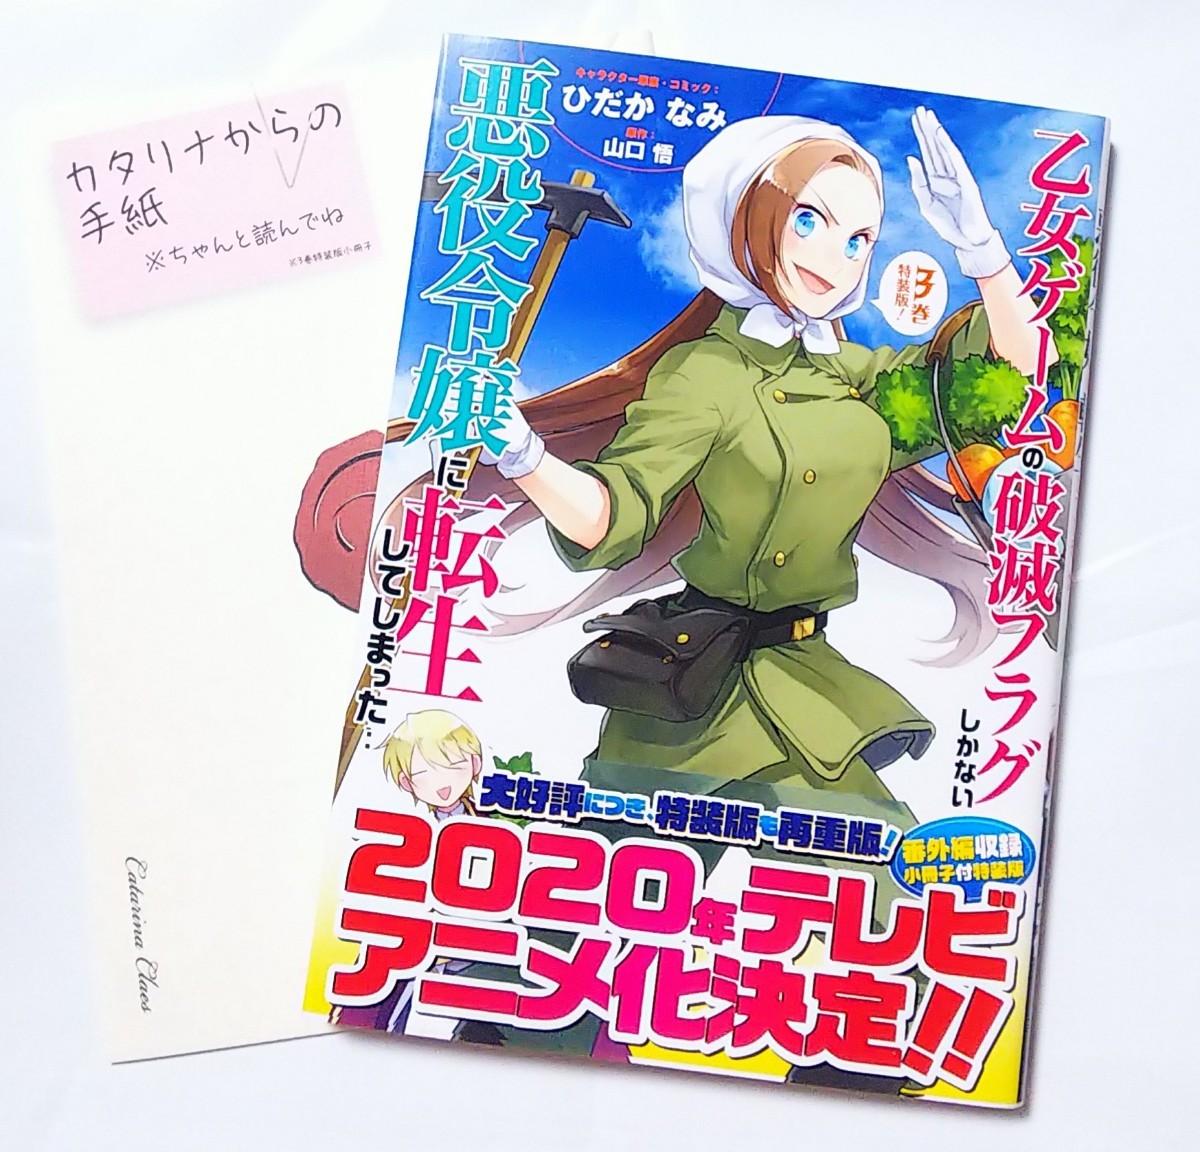 乙女ゲームの破滅フラグしかない悪役令嬢に転生してしまった 3 特装版